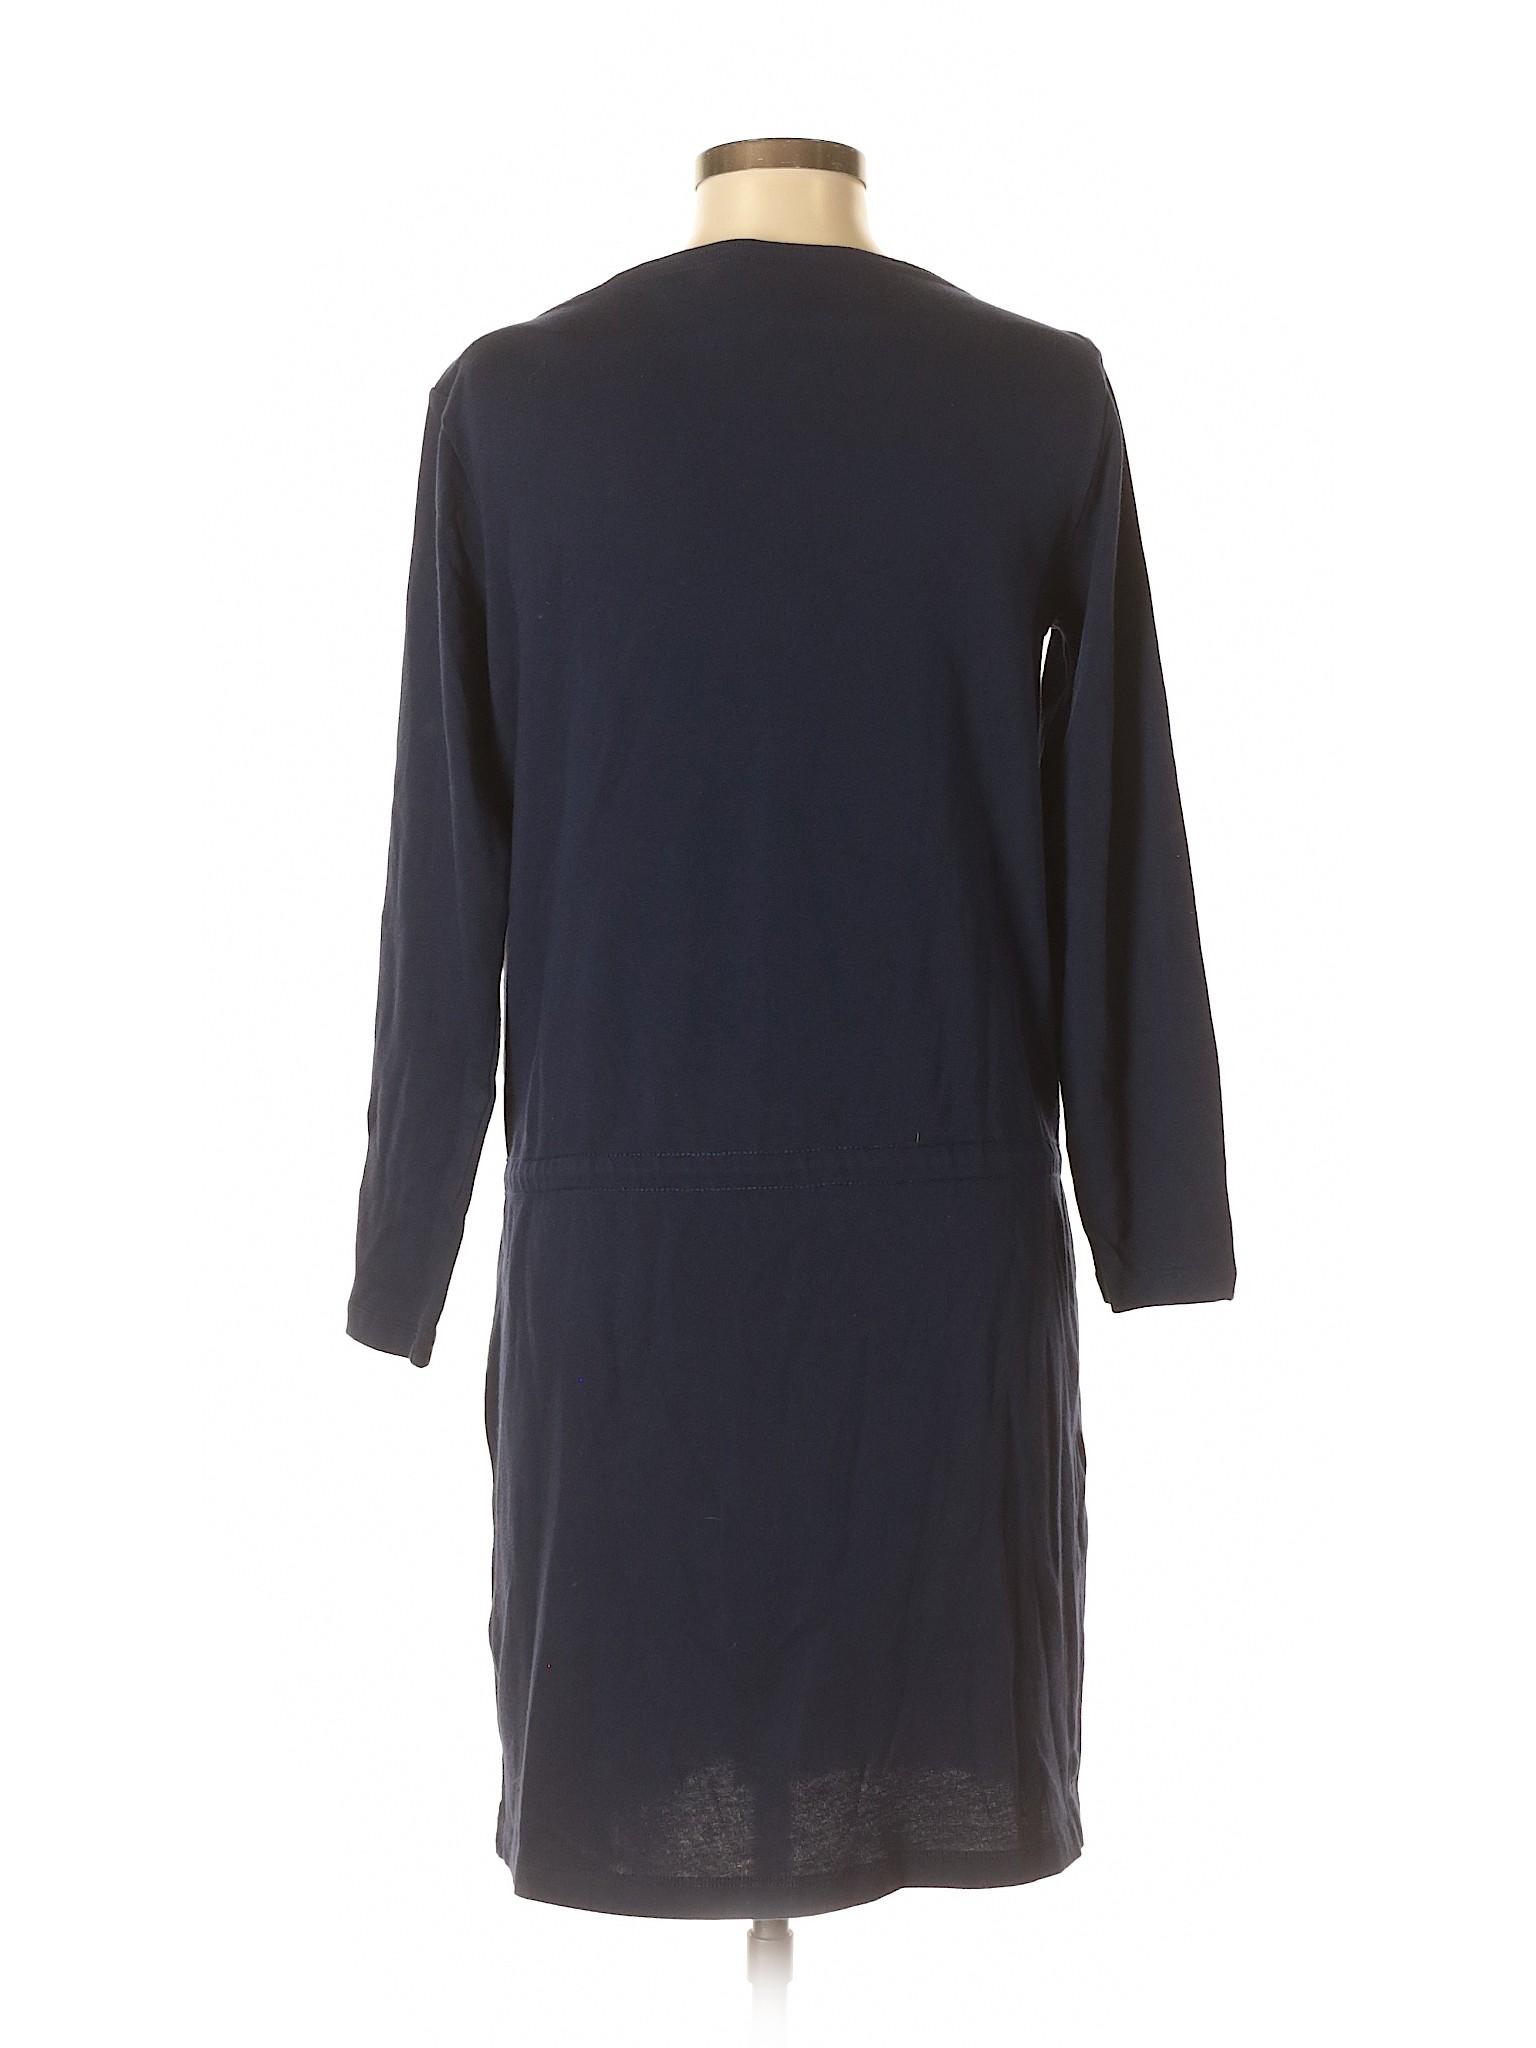 Dress Ralph Boutique Sport Casual Lauren winter XxqH65